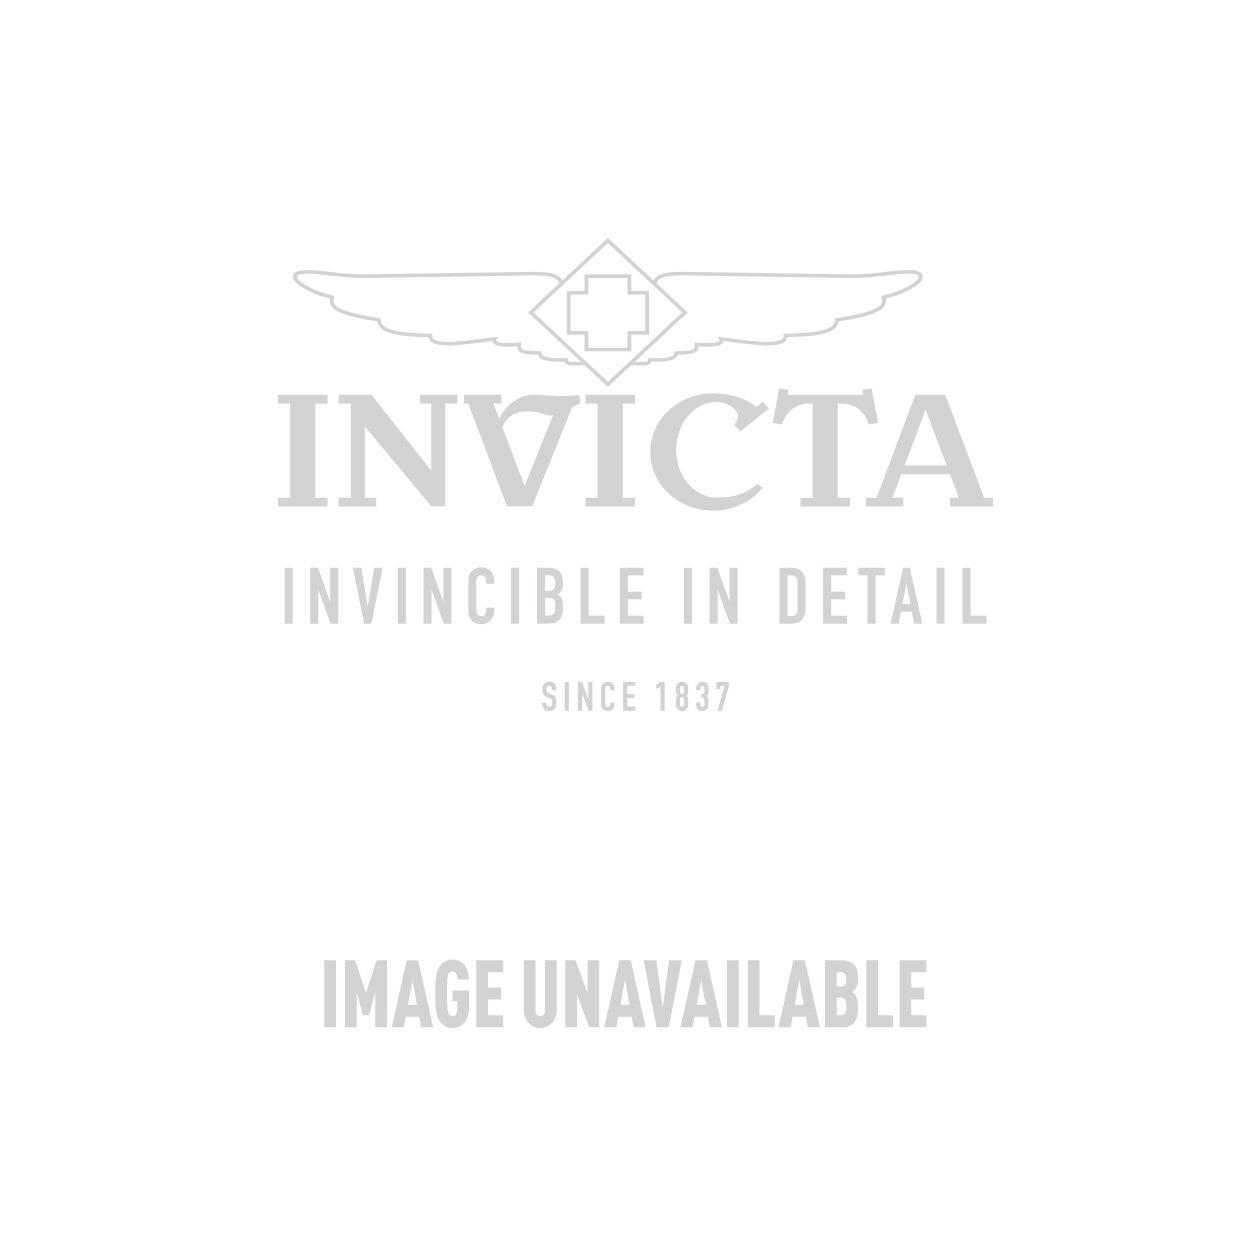 Invicta Model 25152